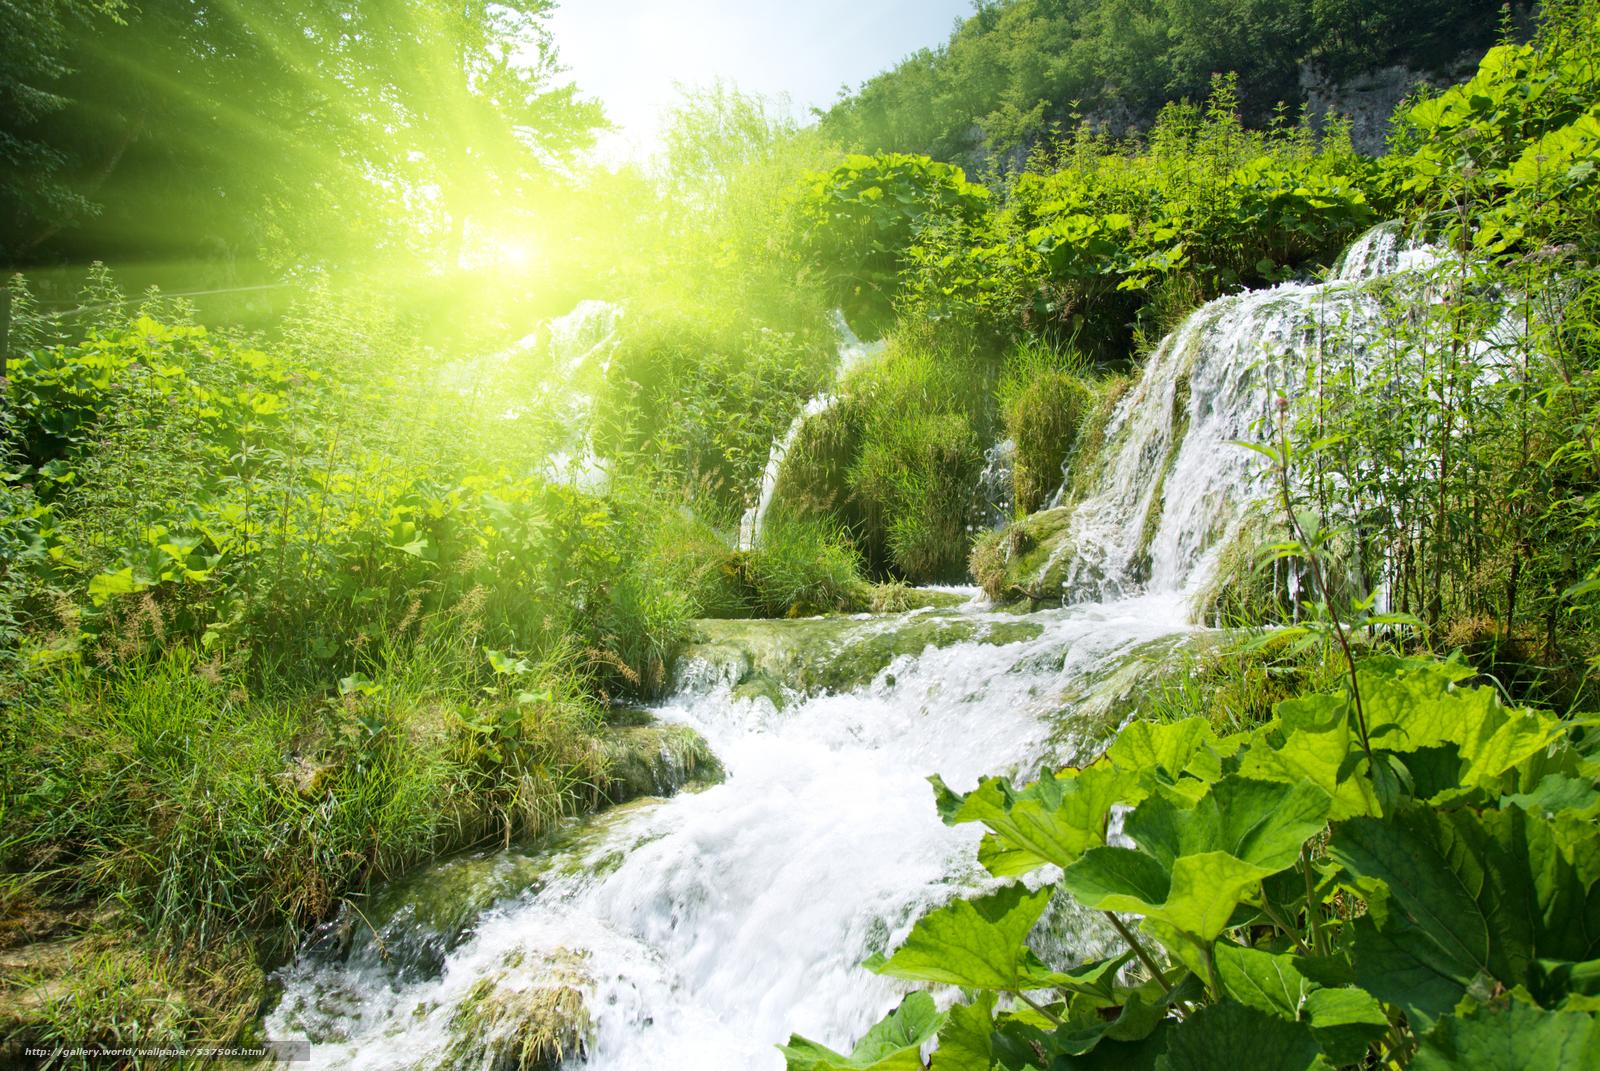 обои для рабочего стола солнечный водопад № 626736 бесплатно